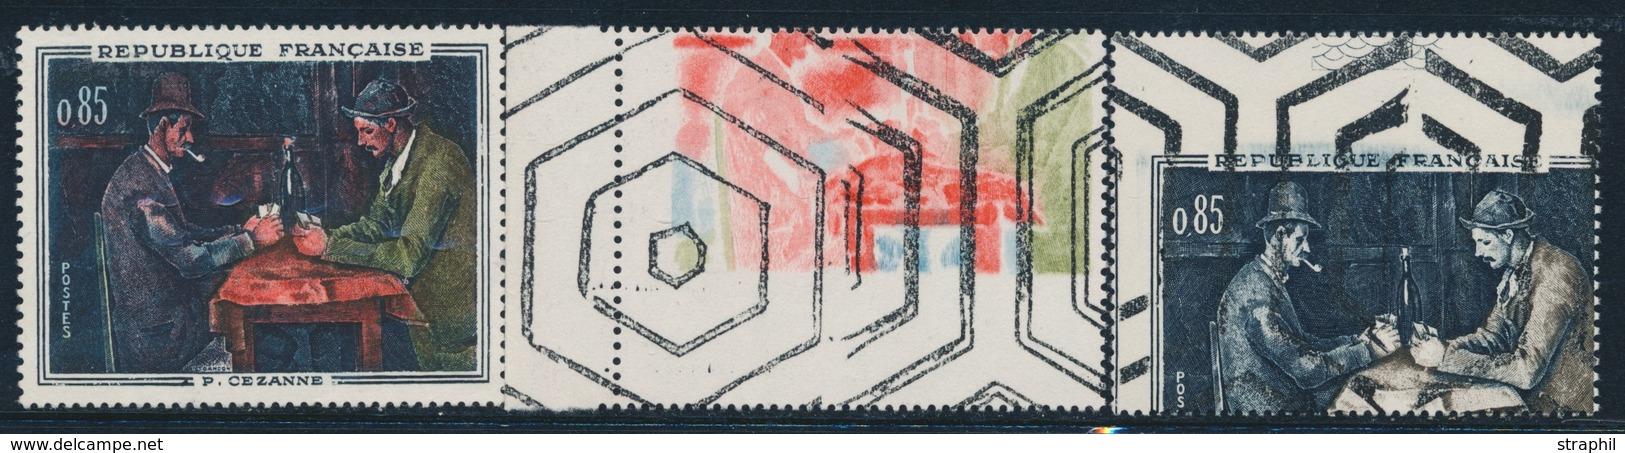 ** ESSAIS - ** - N°1321 - P. Cezanne - 2 Essais De Couleur - Obl Paraoblitération - TB - France